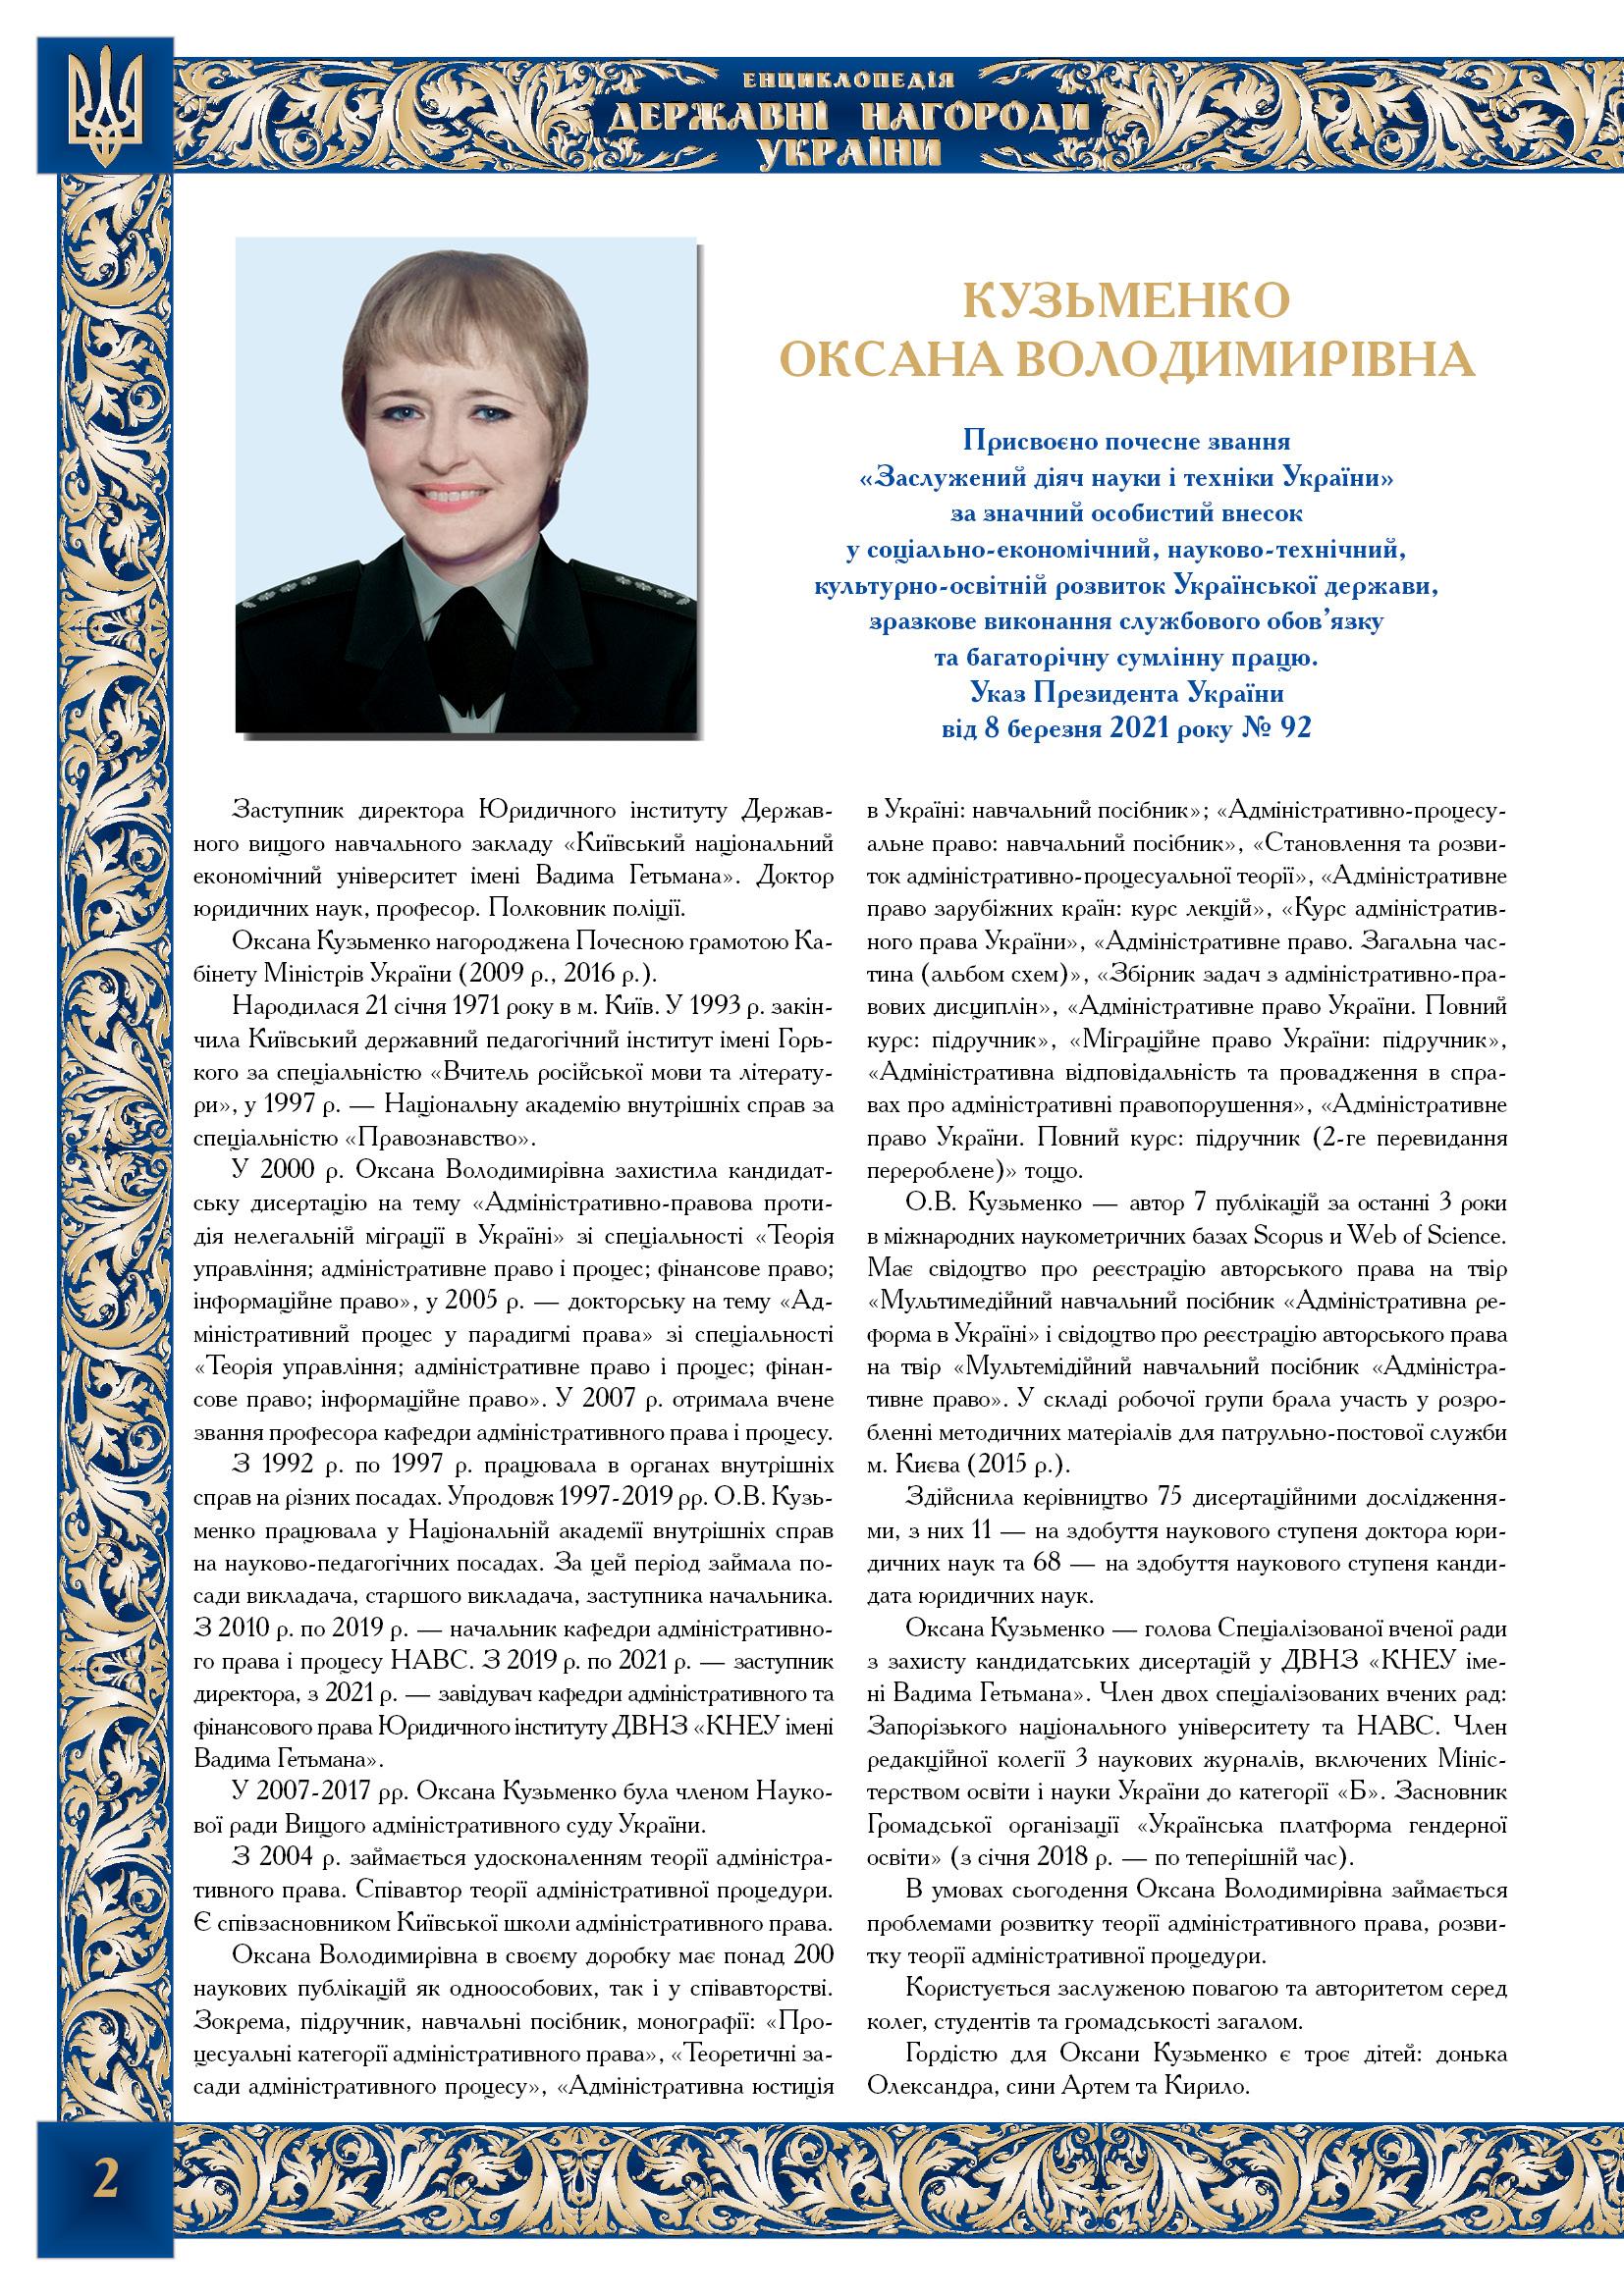 Кузьменко Оксана Володимирівна